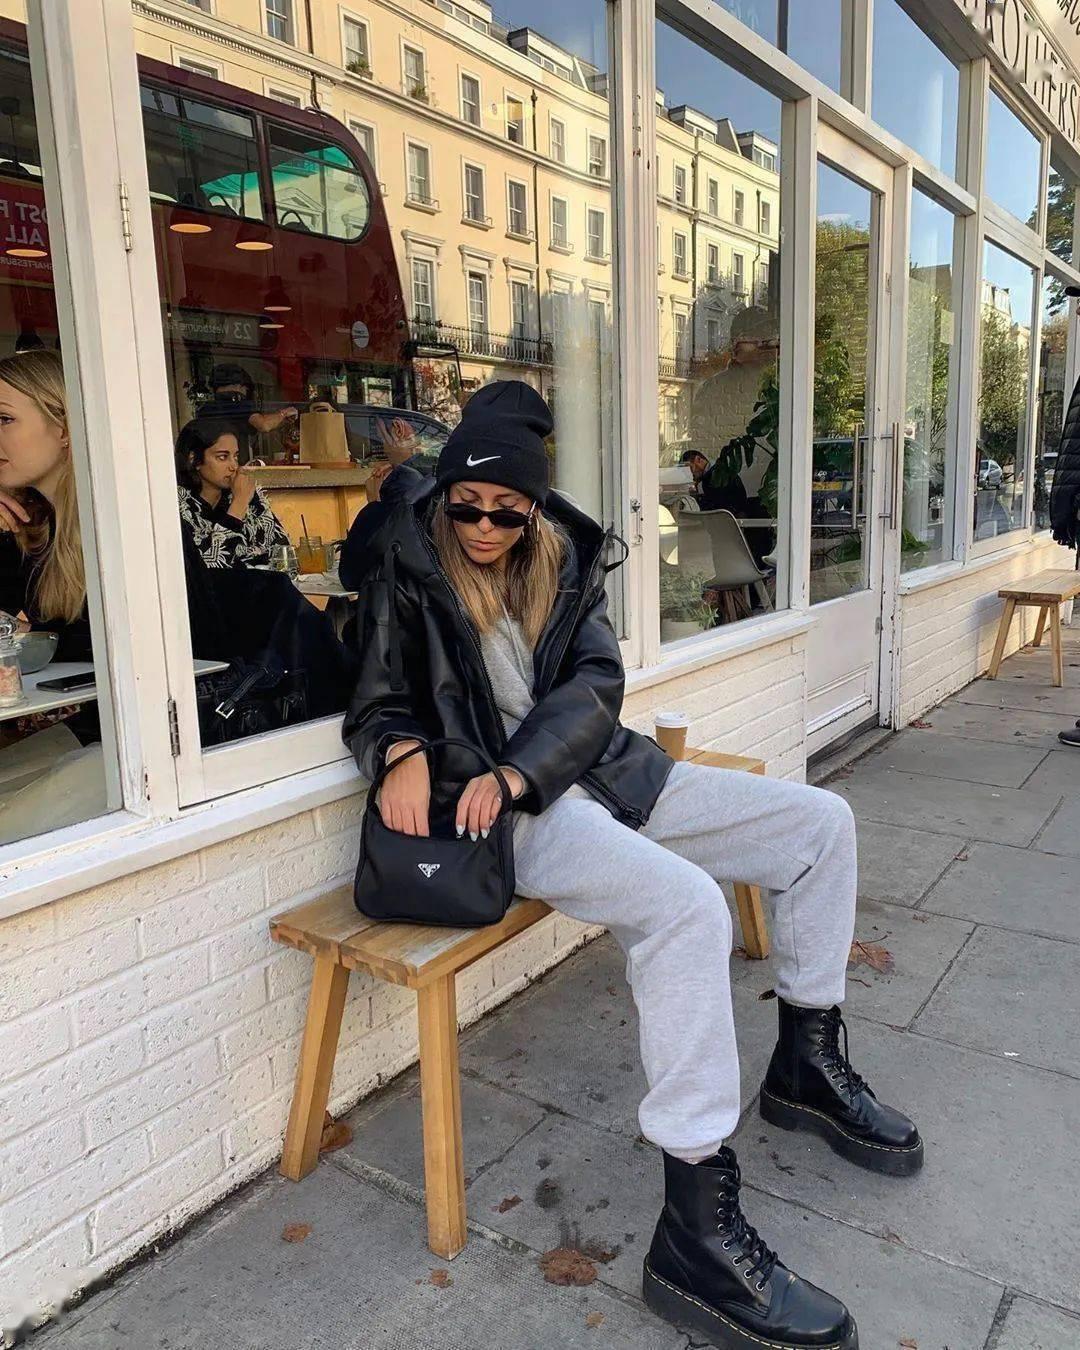 马丁靴+裙子,马丁靴+工装裤……又酷又撩,时髦炸了!     第61张